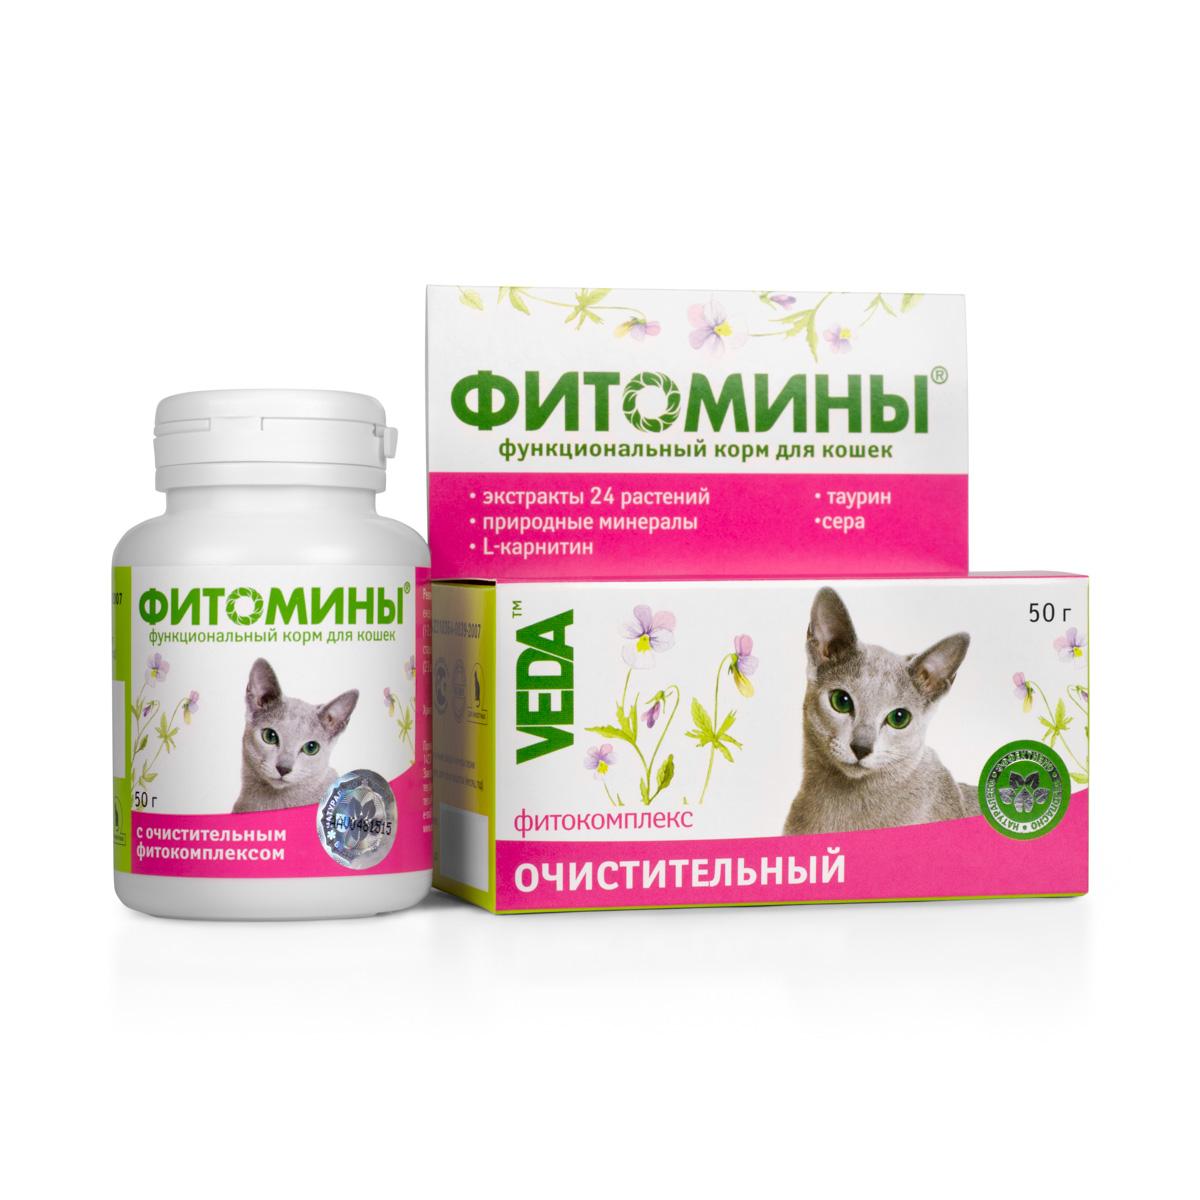 Фитомины функциональный корм для кошек с очистительным фитокомплексом, 50 г4605543005985Для животных с проблемами желудочно-кишечного тракта. Активизирует пищеварение и стимулирует общий обмен веществ организма. Обладает желчегонным действием, умеренно стимулирует моторику кишечника, уменьшает содержание билирубина и холестерина в крови.